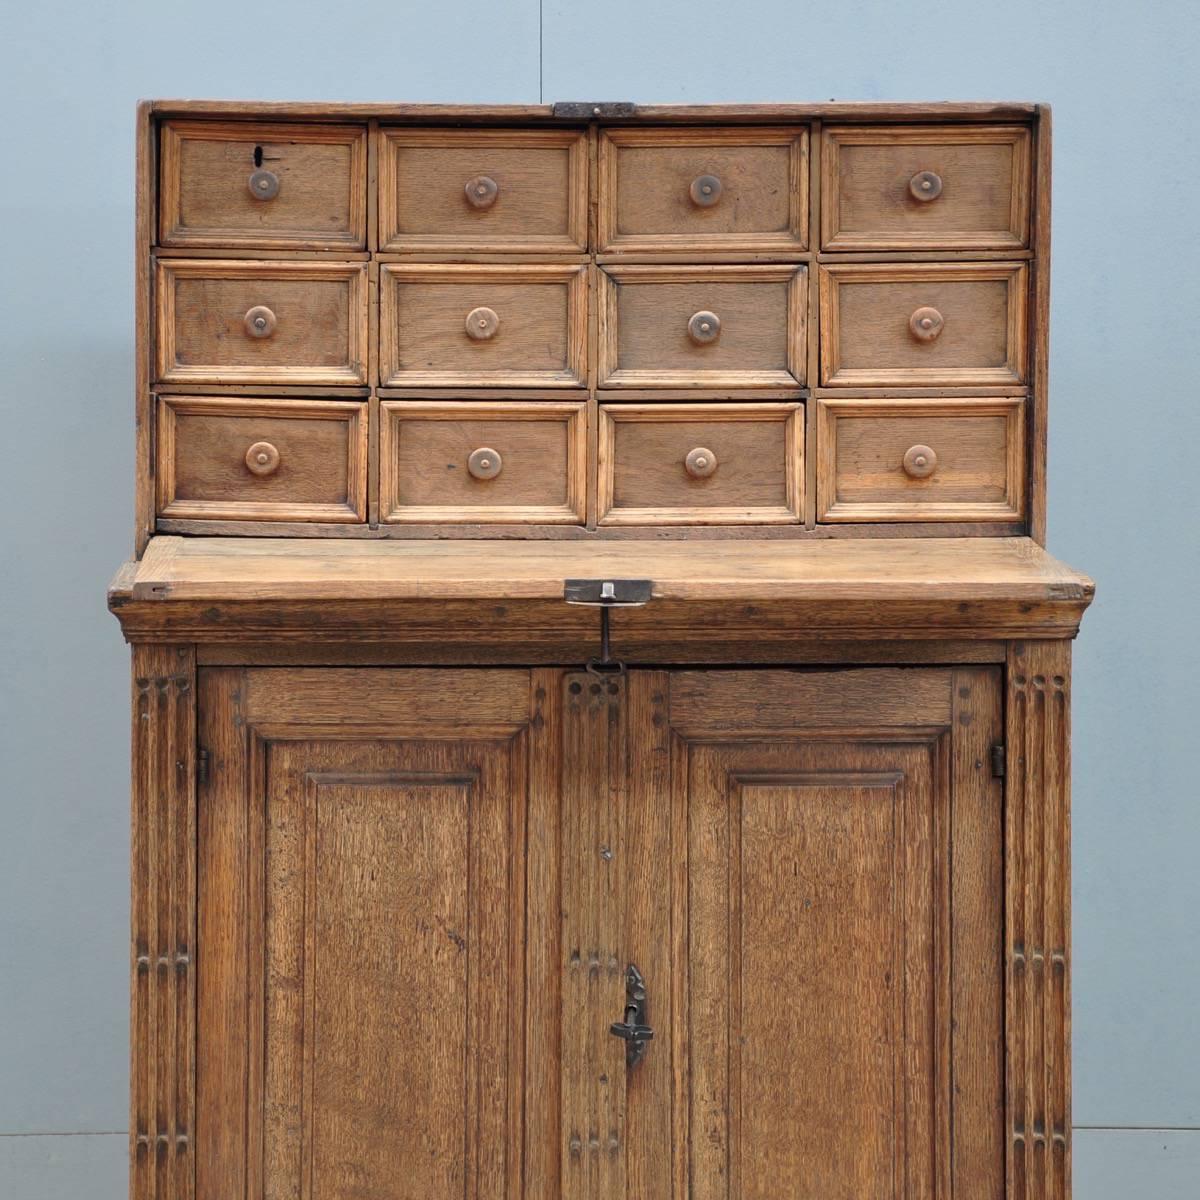 Antique Flemish oak cabinet | De Grande Antique Furniture - Flemish Oak Cabinet De Grande Antique Furniture